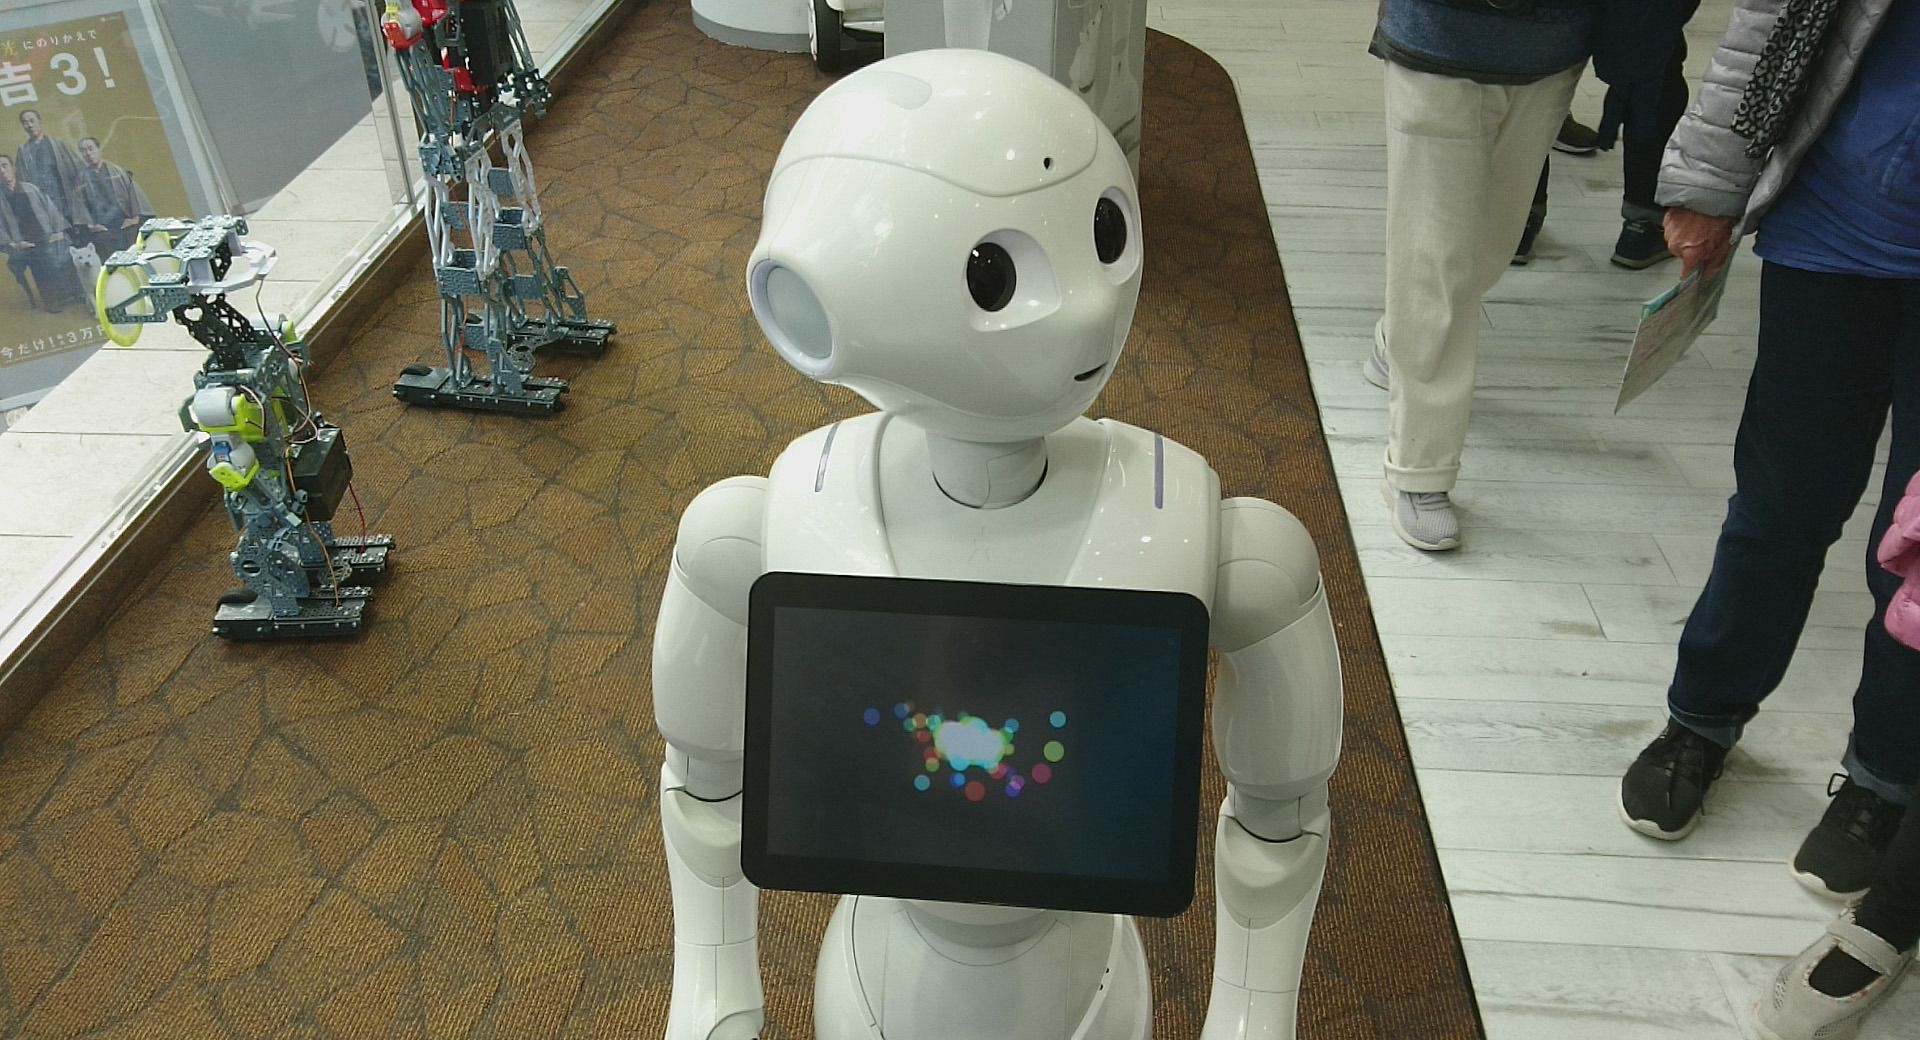 Kanskje blir Sonys nye robot en mer avansert utgave av Pepper.